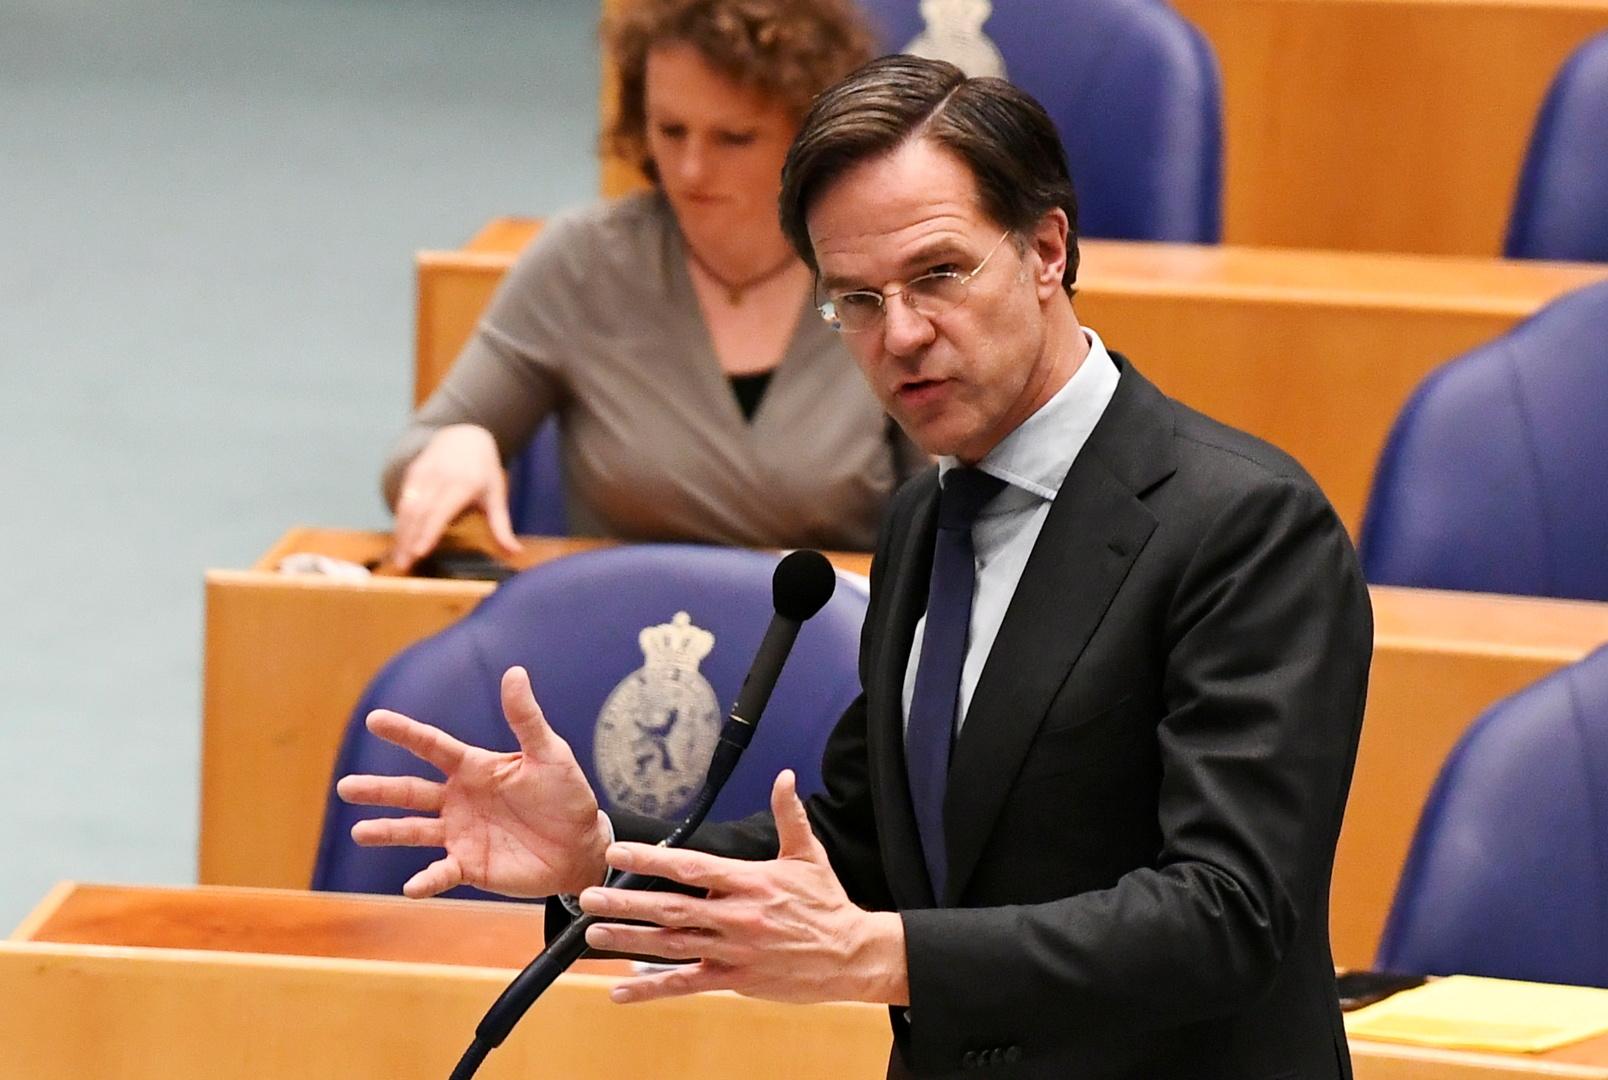 رئيس الوزراء الهولندي مارك روتي